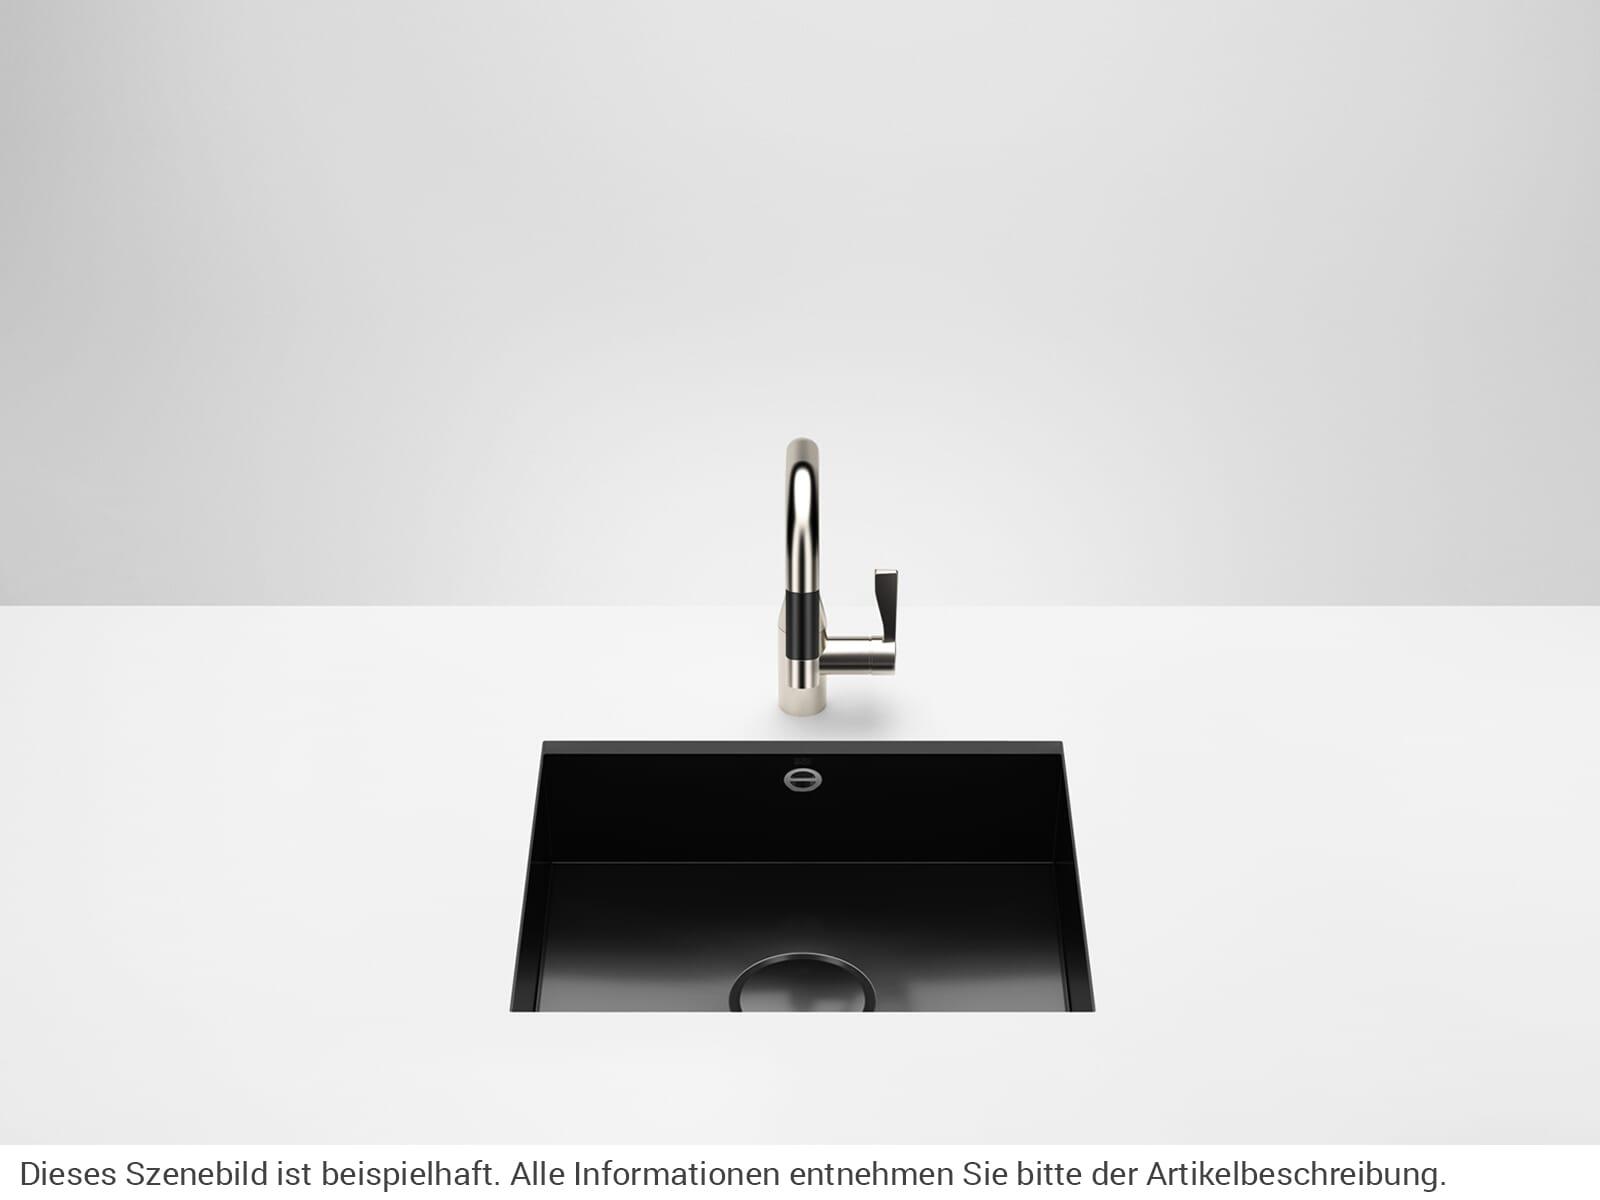 Dornbracht Unterbau-Spüle Glasierter Stahl Schwarz Glänzend 38500002-76